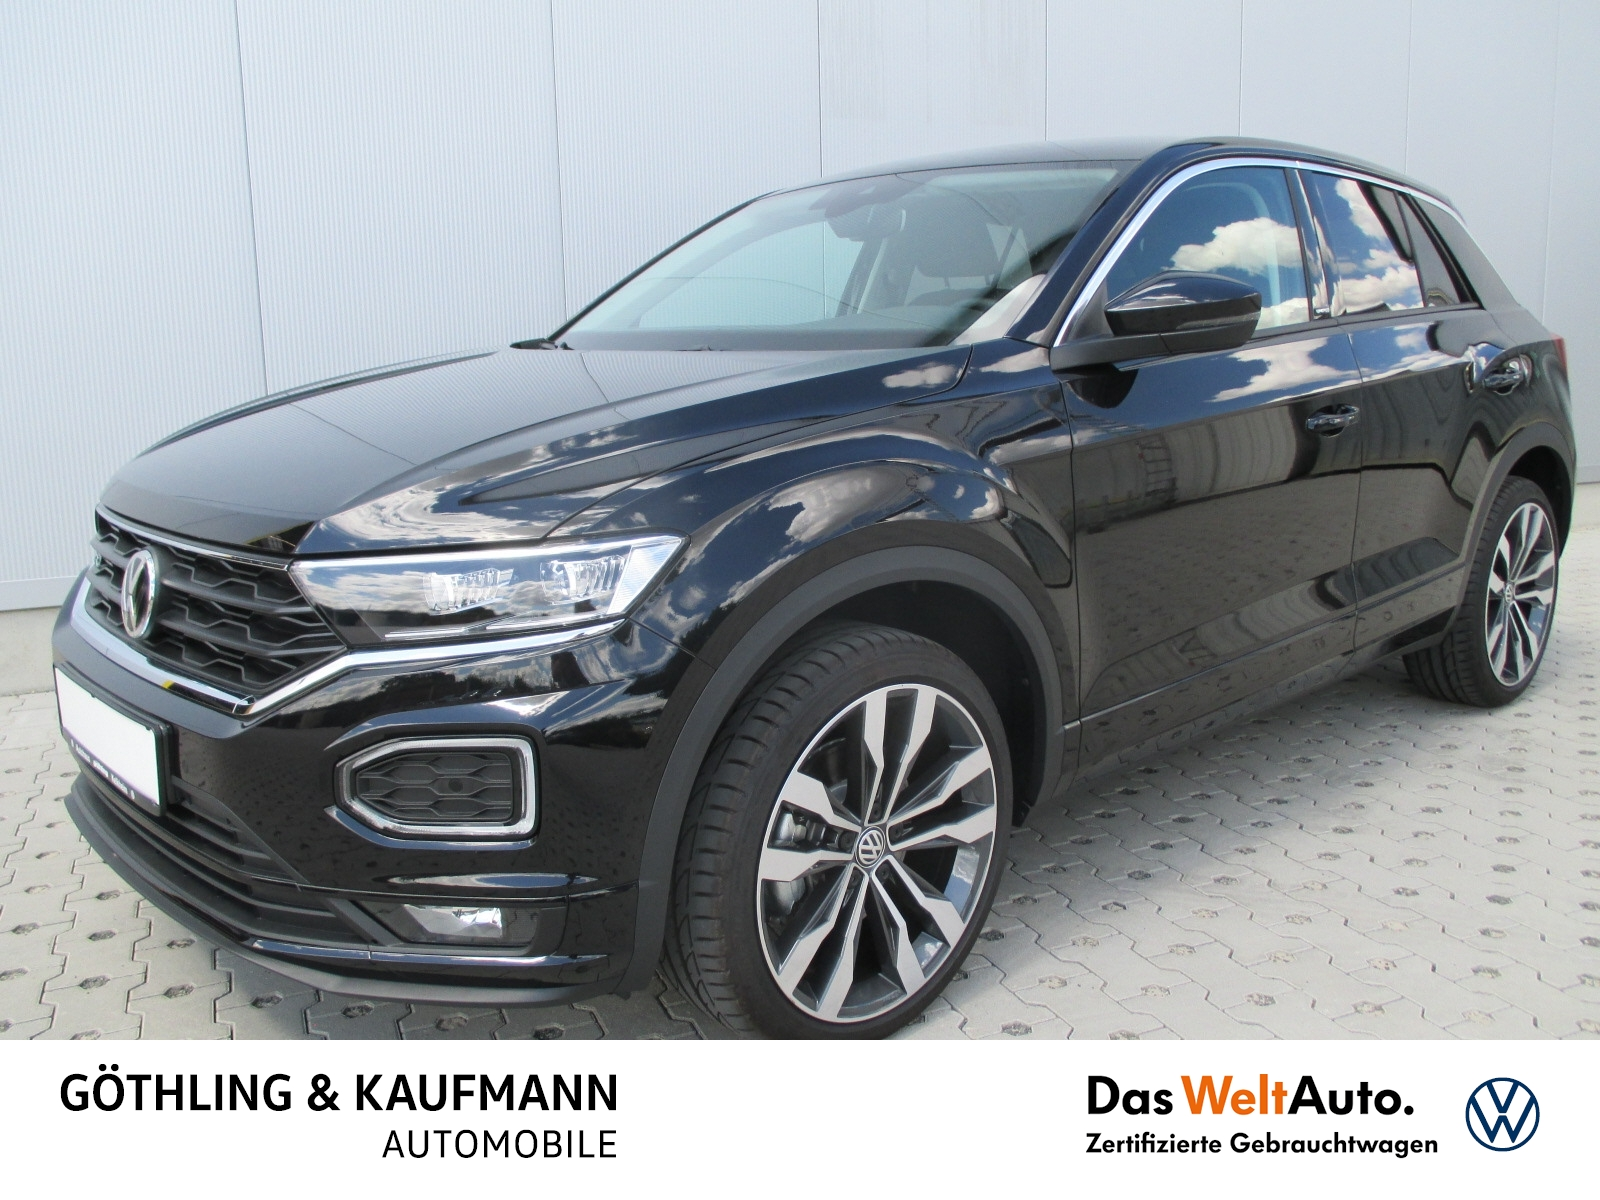 Volkswagen T-Roc 2.0 TDI 4M UNITED R-Line DSG 110kW*LED*Nav, Jahr 2020, Diesel